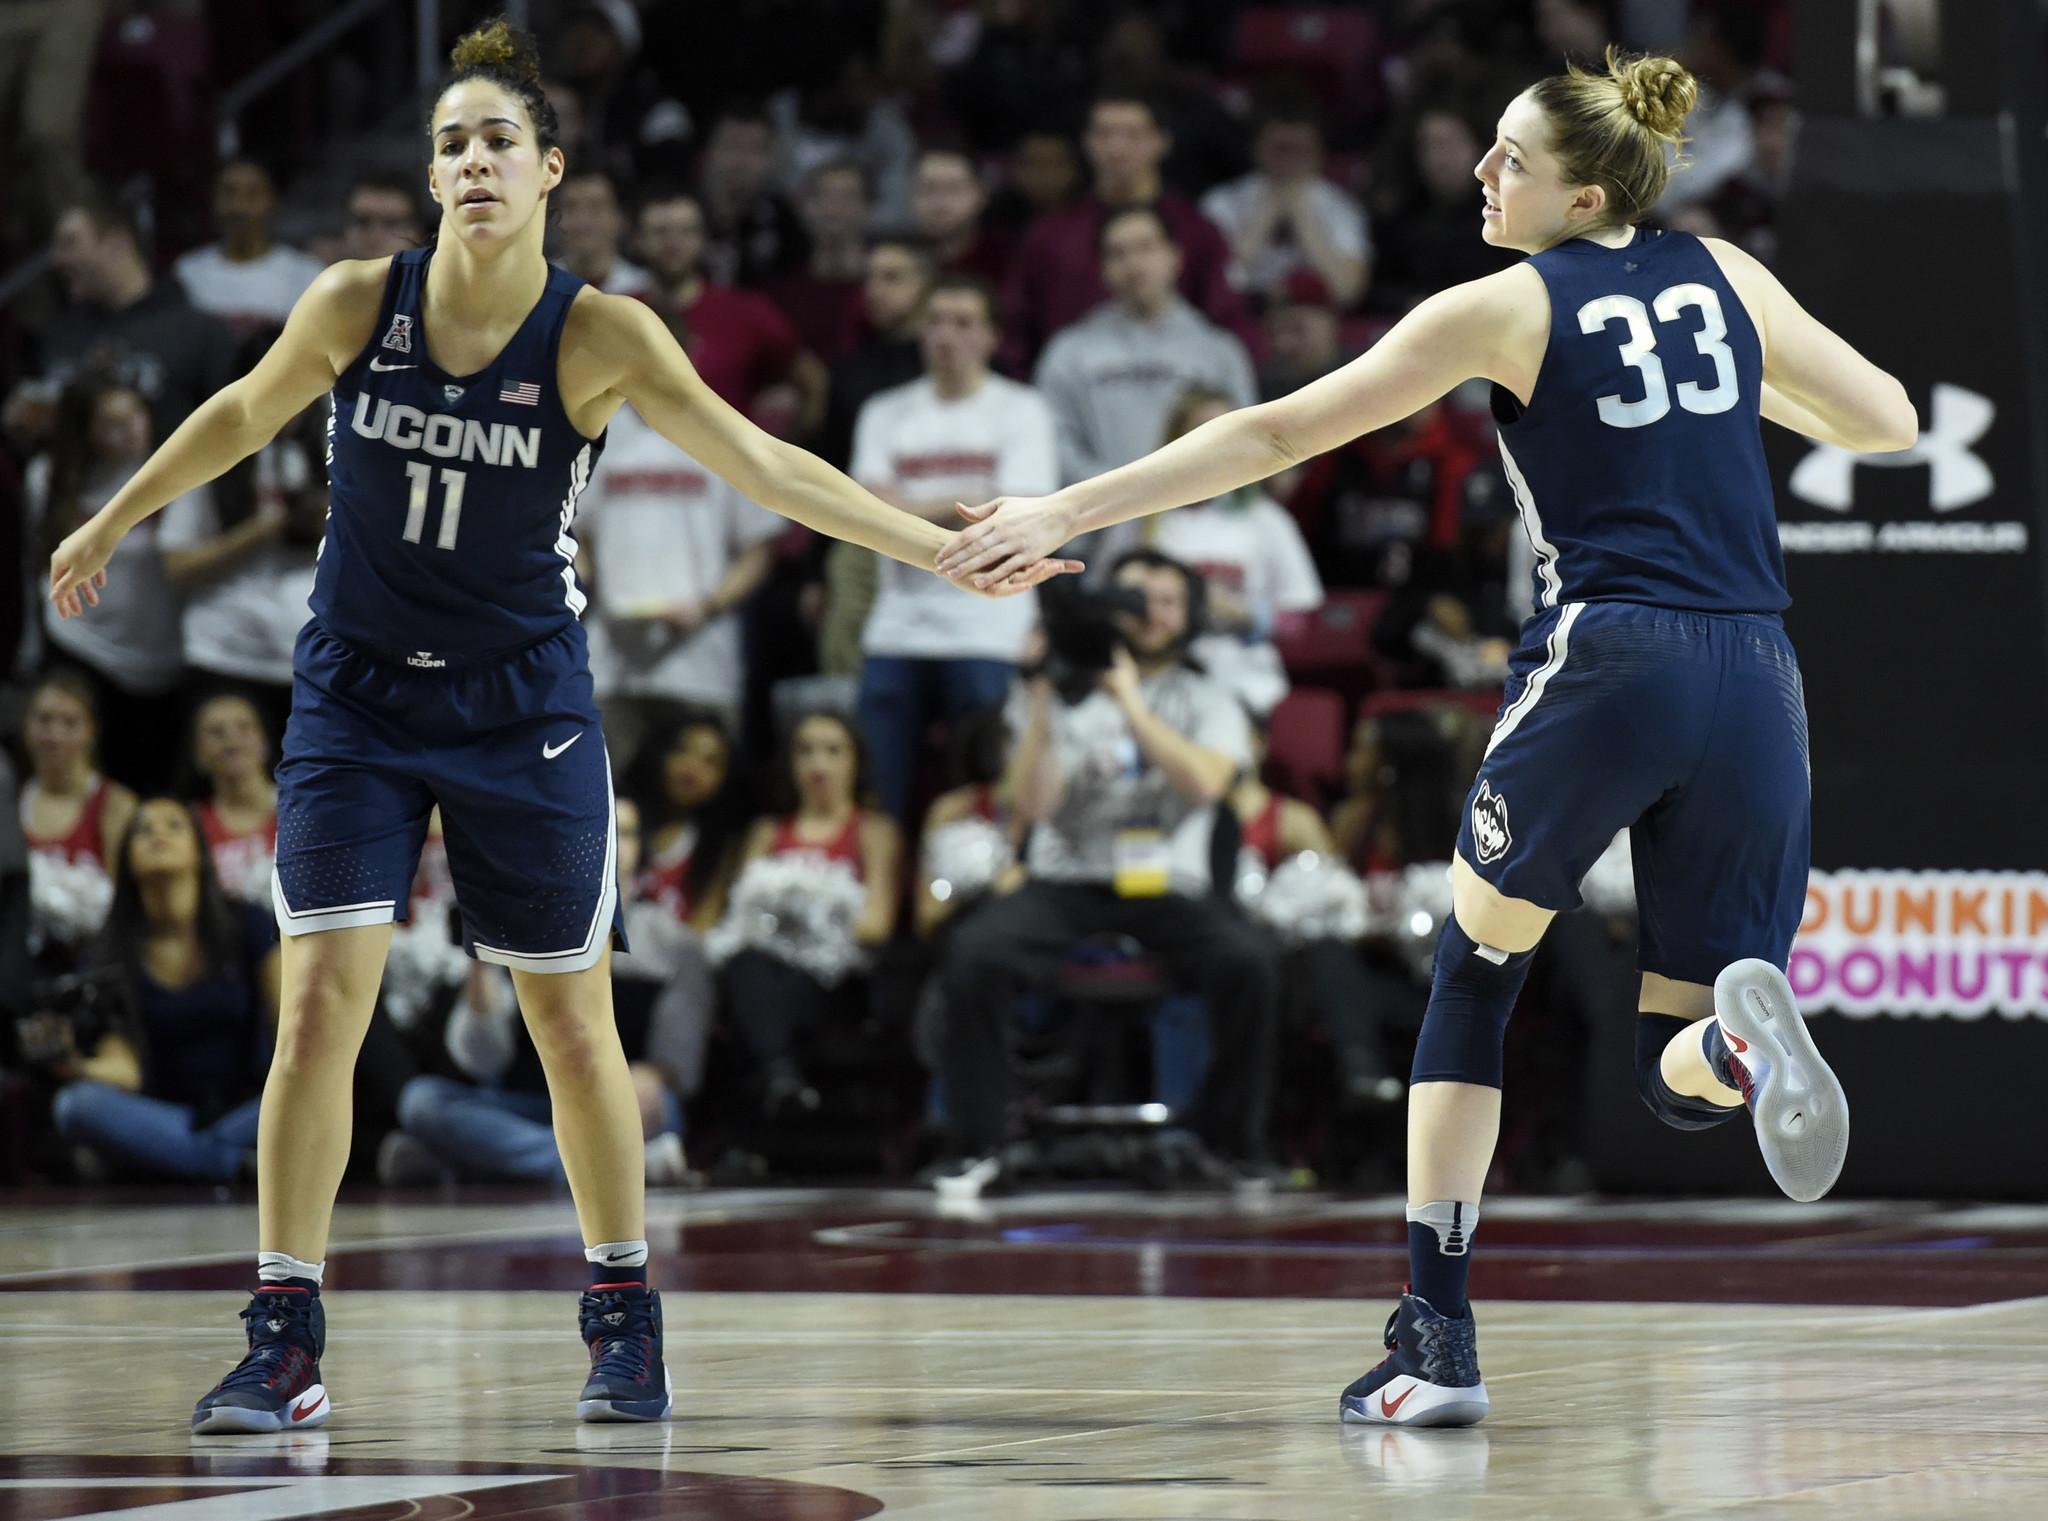 Hc-uconn-women-basketball-0202-20170201